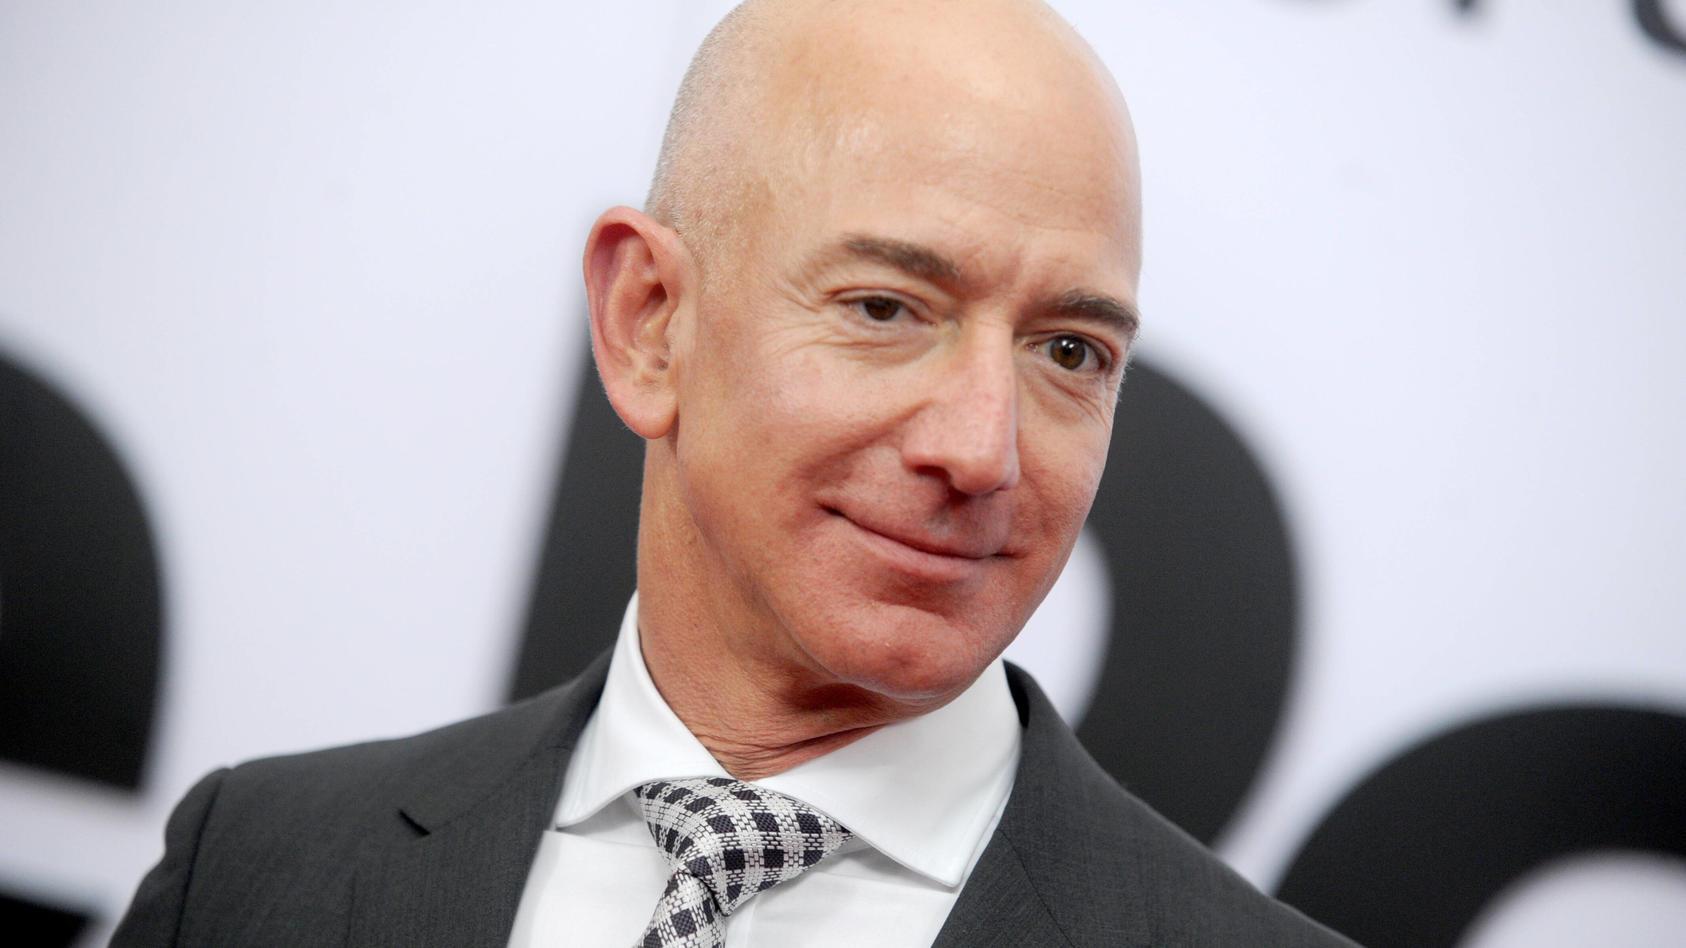 Multimilliardär Jeff Bezos